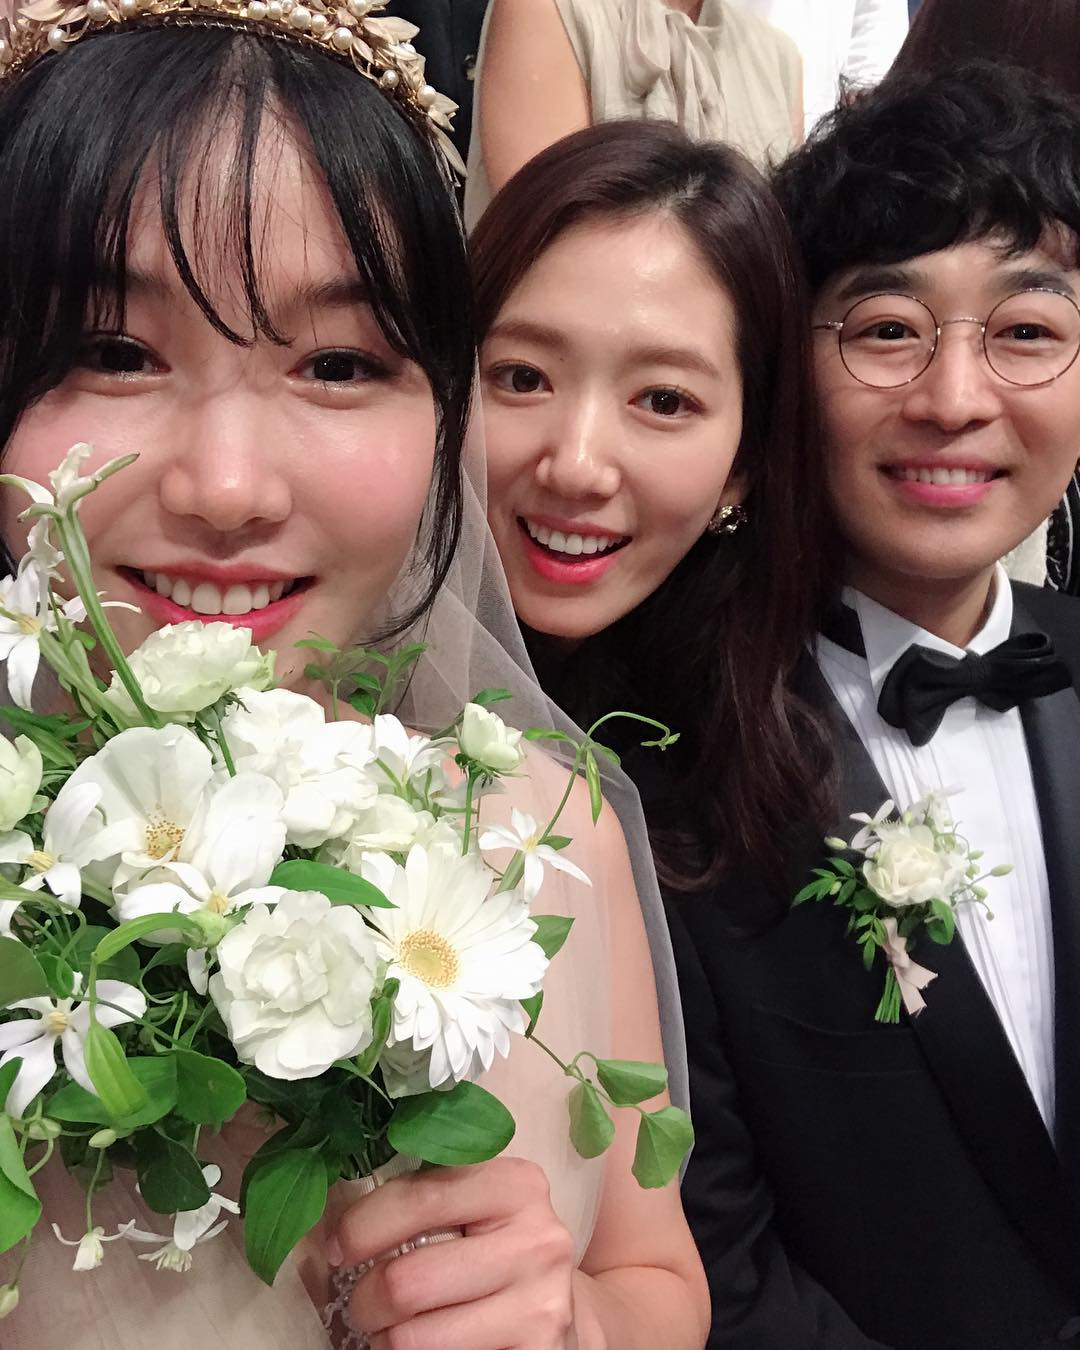 [新闻]180916 朴信惠出席好朋友婚礼现场 亲自为好友送上结婚祝语